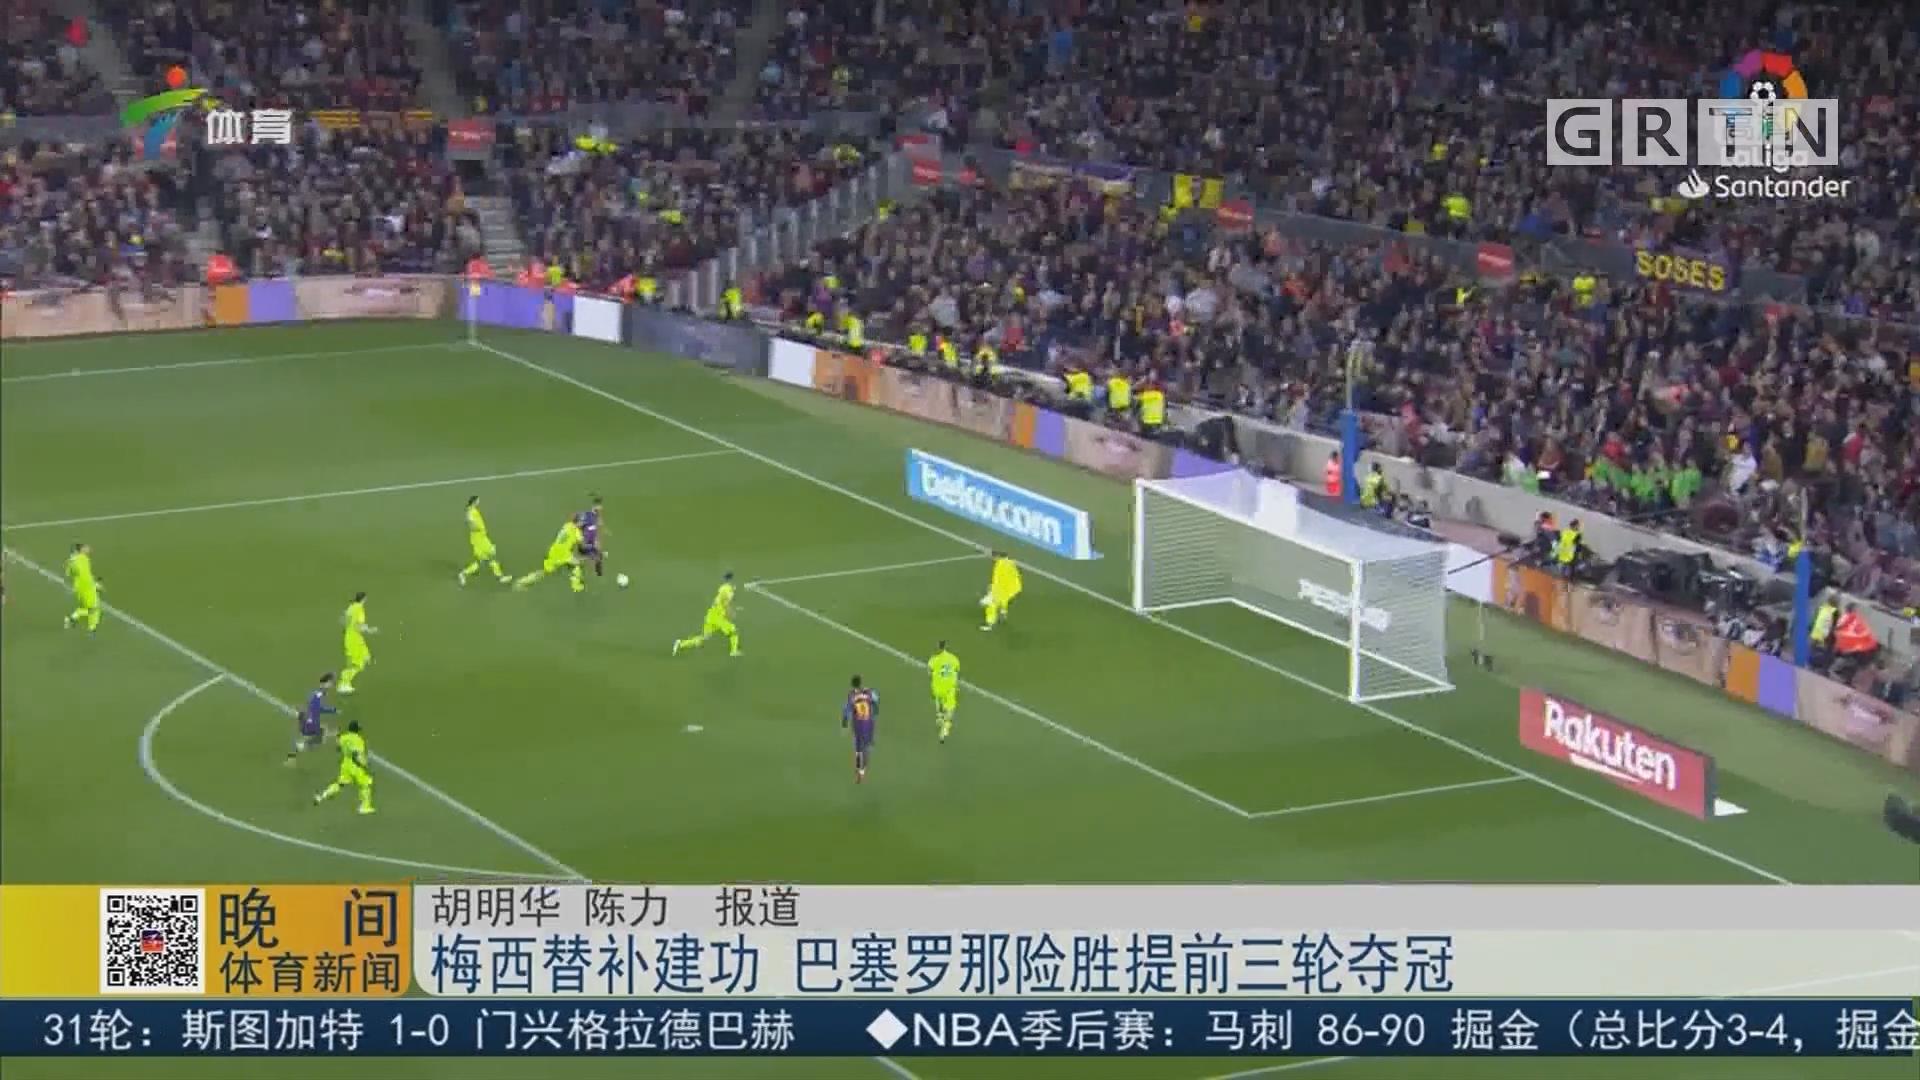 梅西替补建功 巴塞罗那险胜提前三轮夺冠